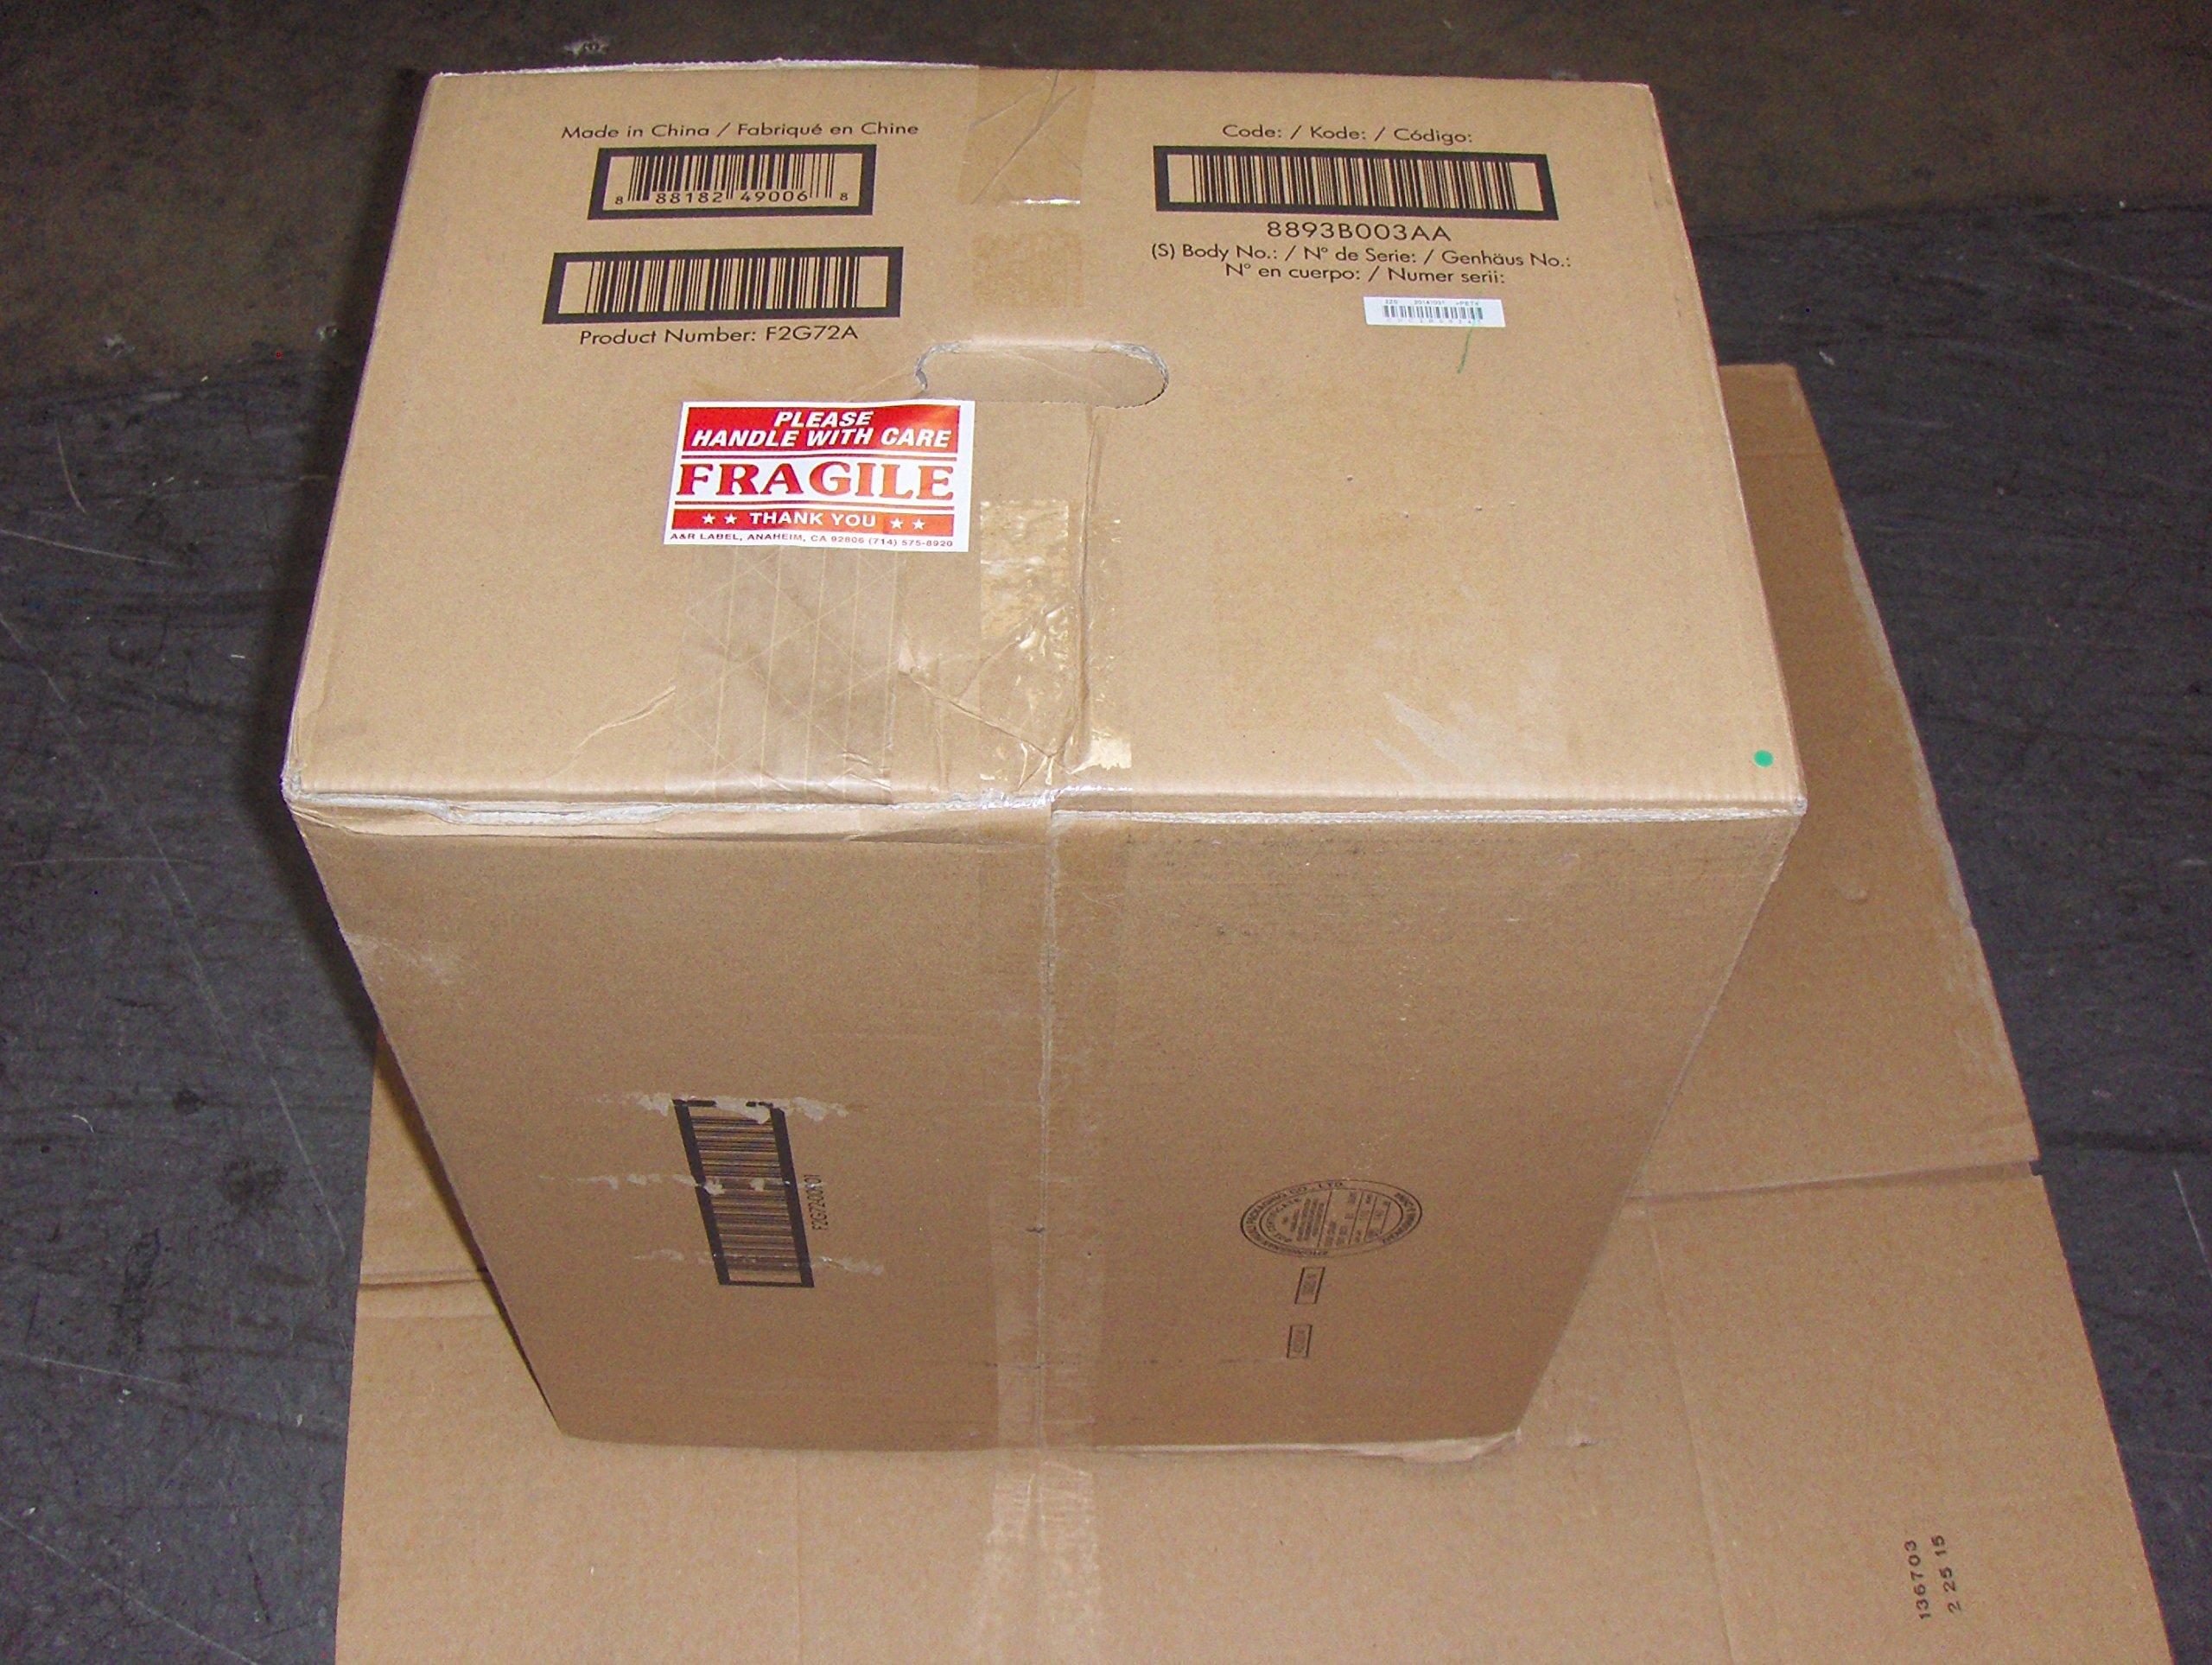 HP F2G72A Sheet Stacker/Stapler - 500 Sheets